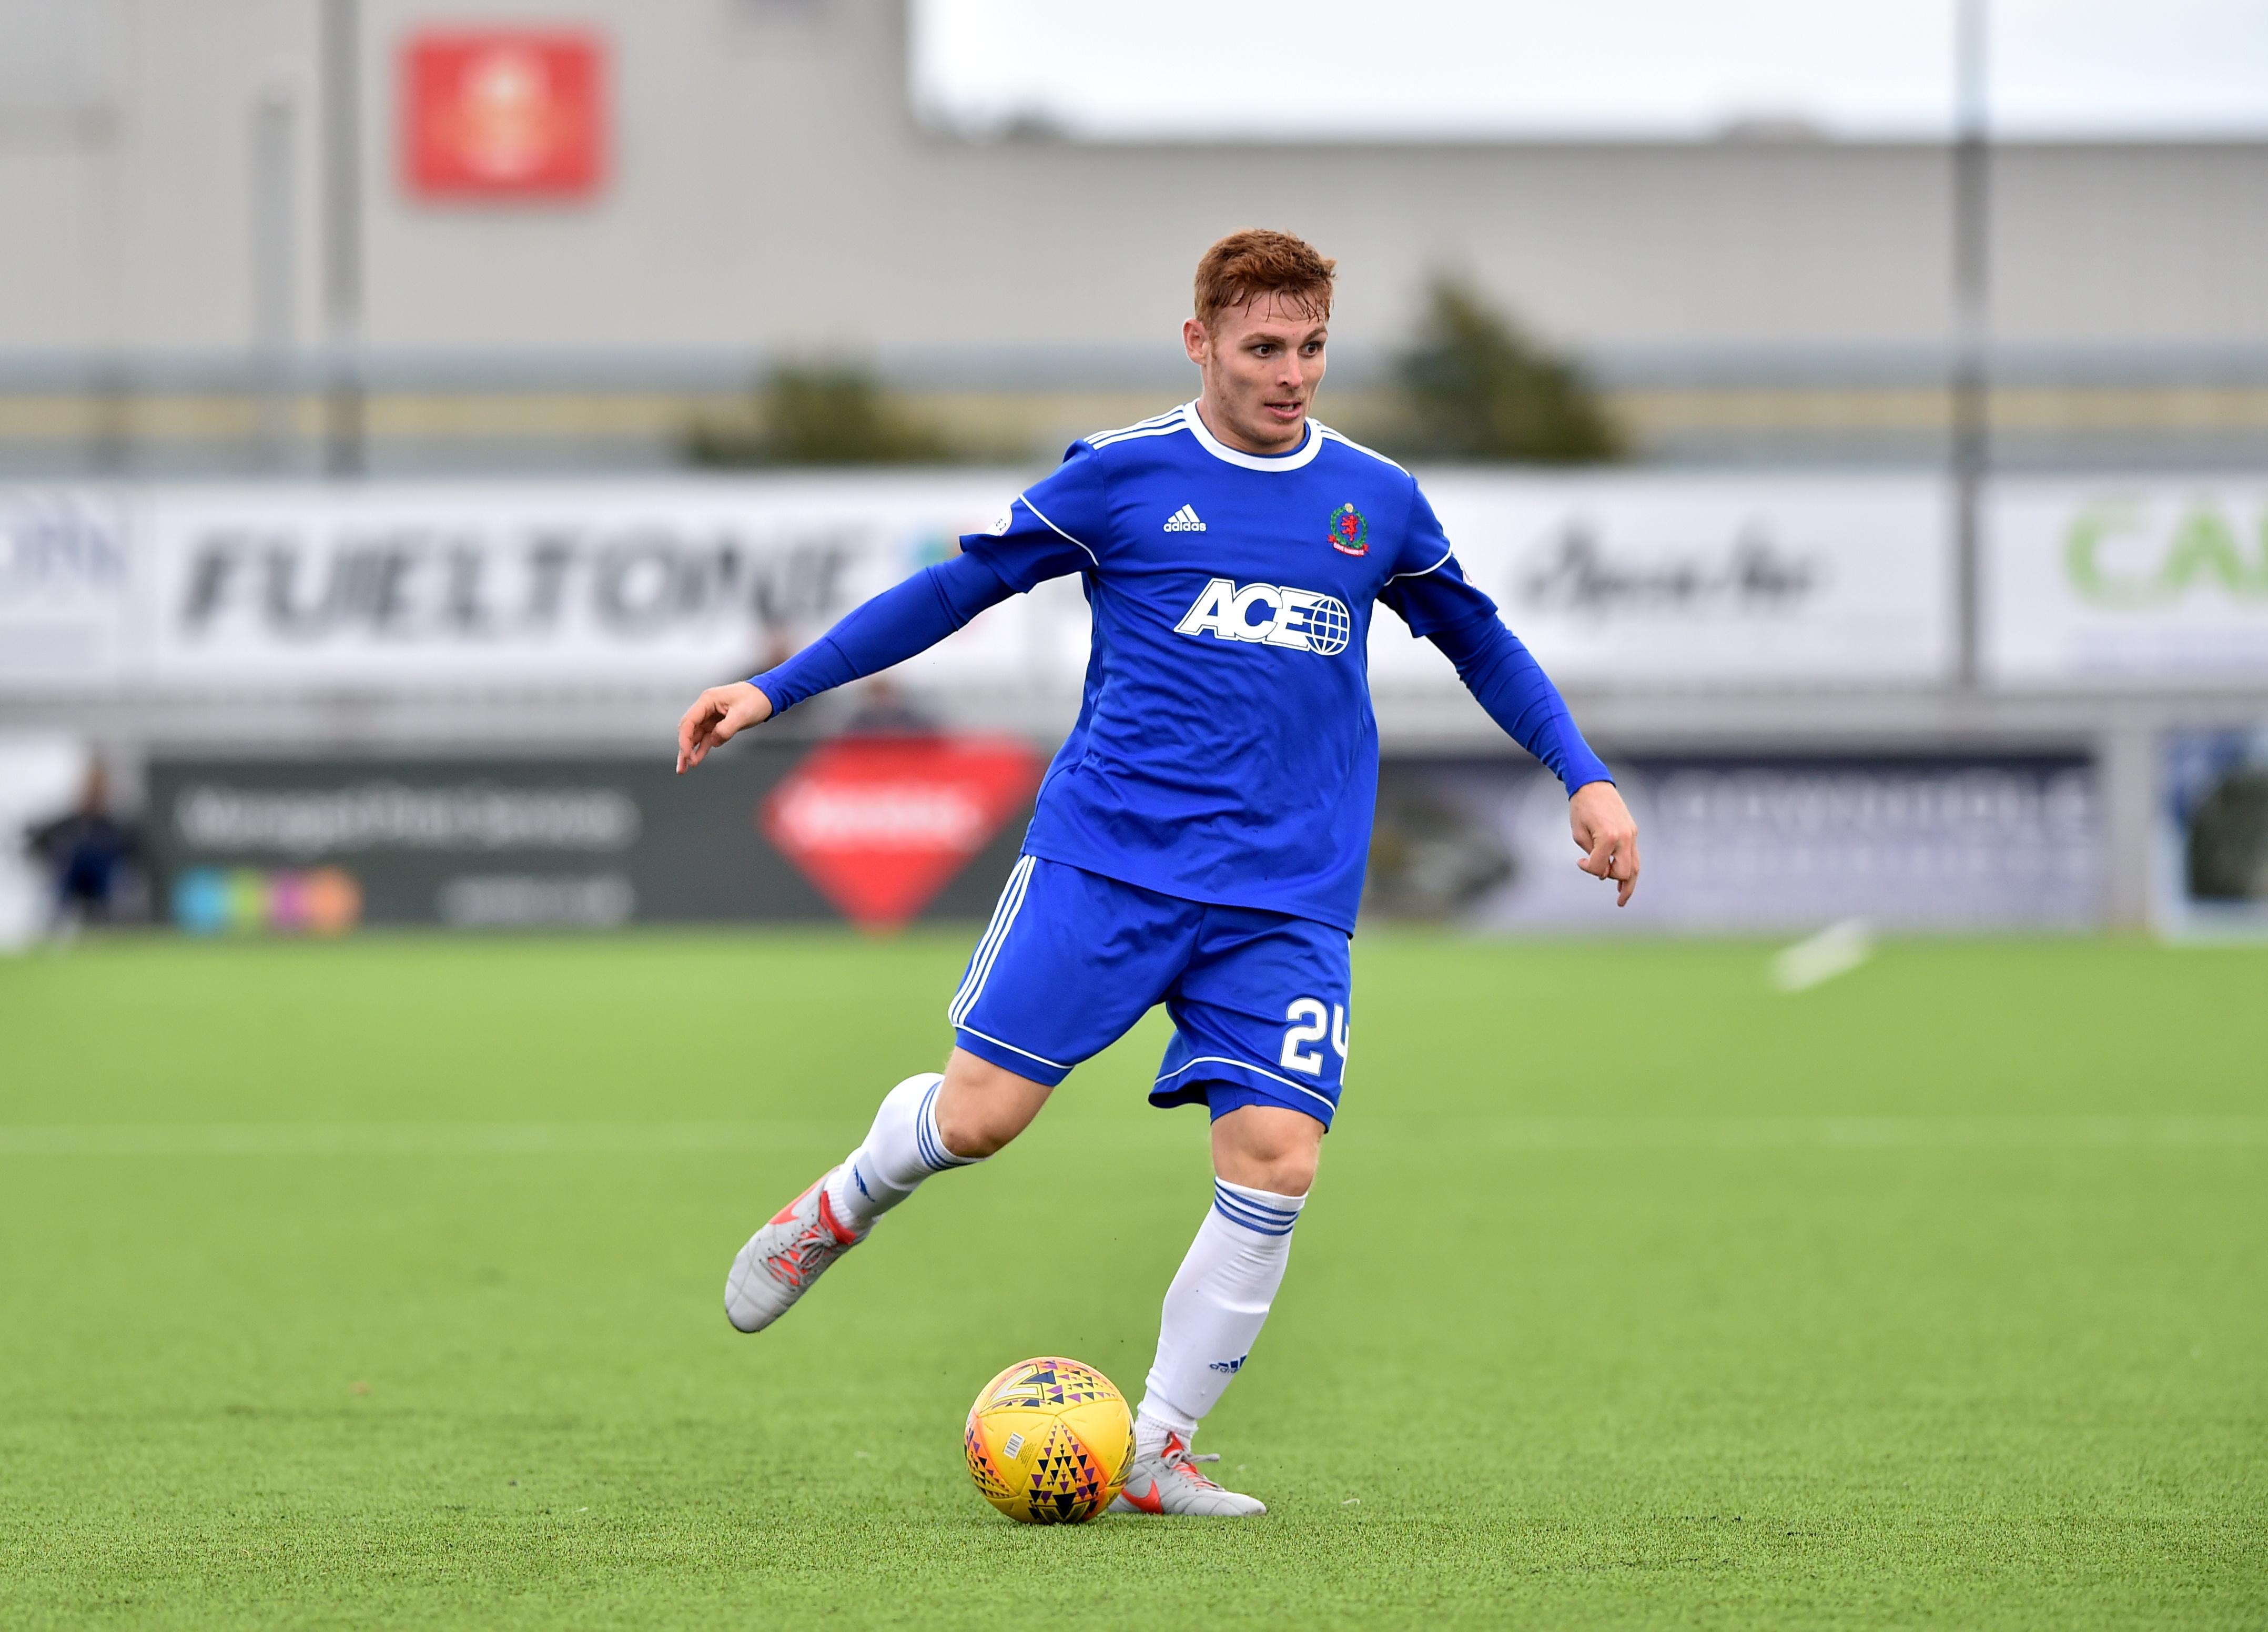 Cove Rangers midfielder Fraser Fyvie.